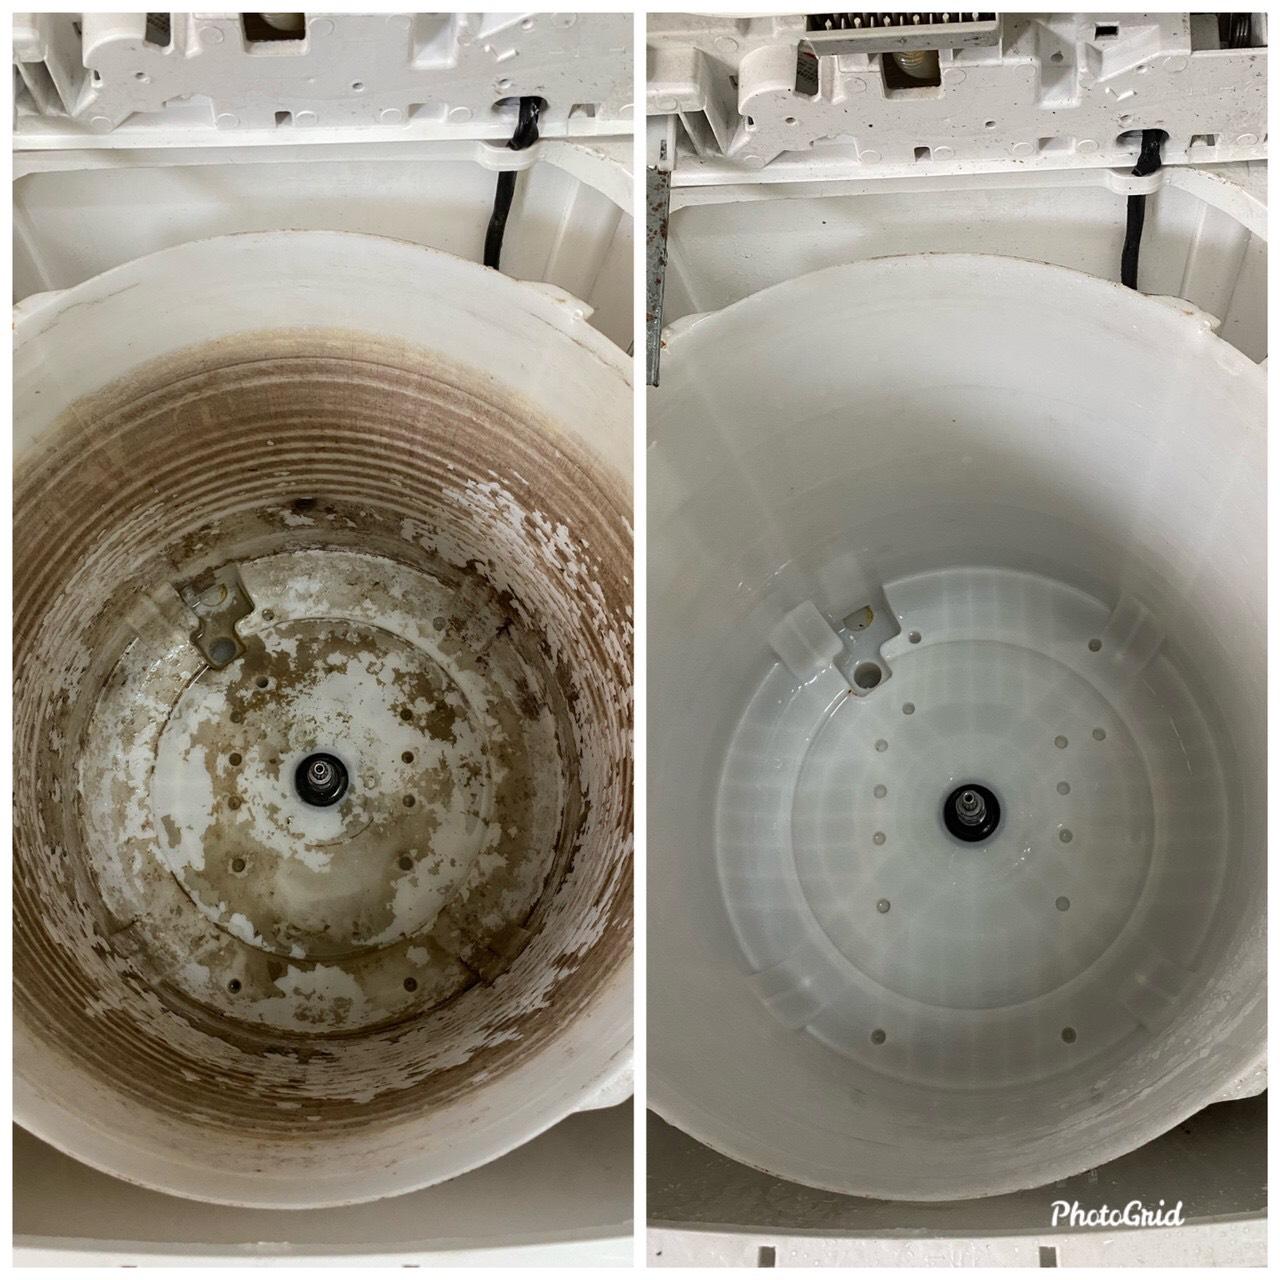 洗衣機清洗前後差異圖